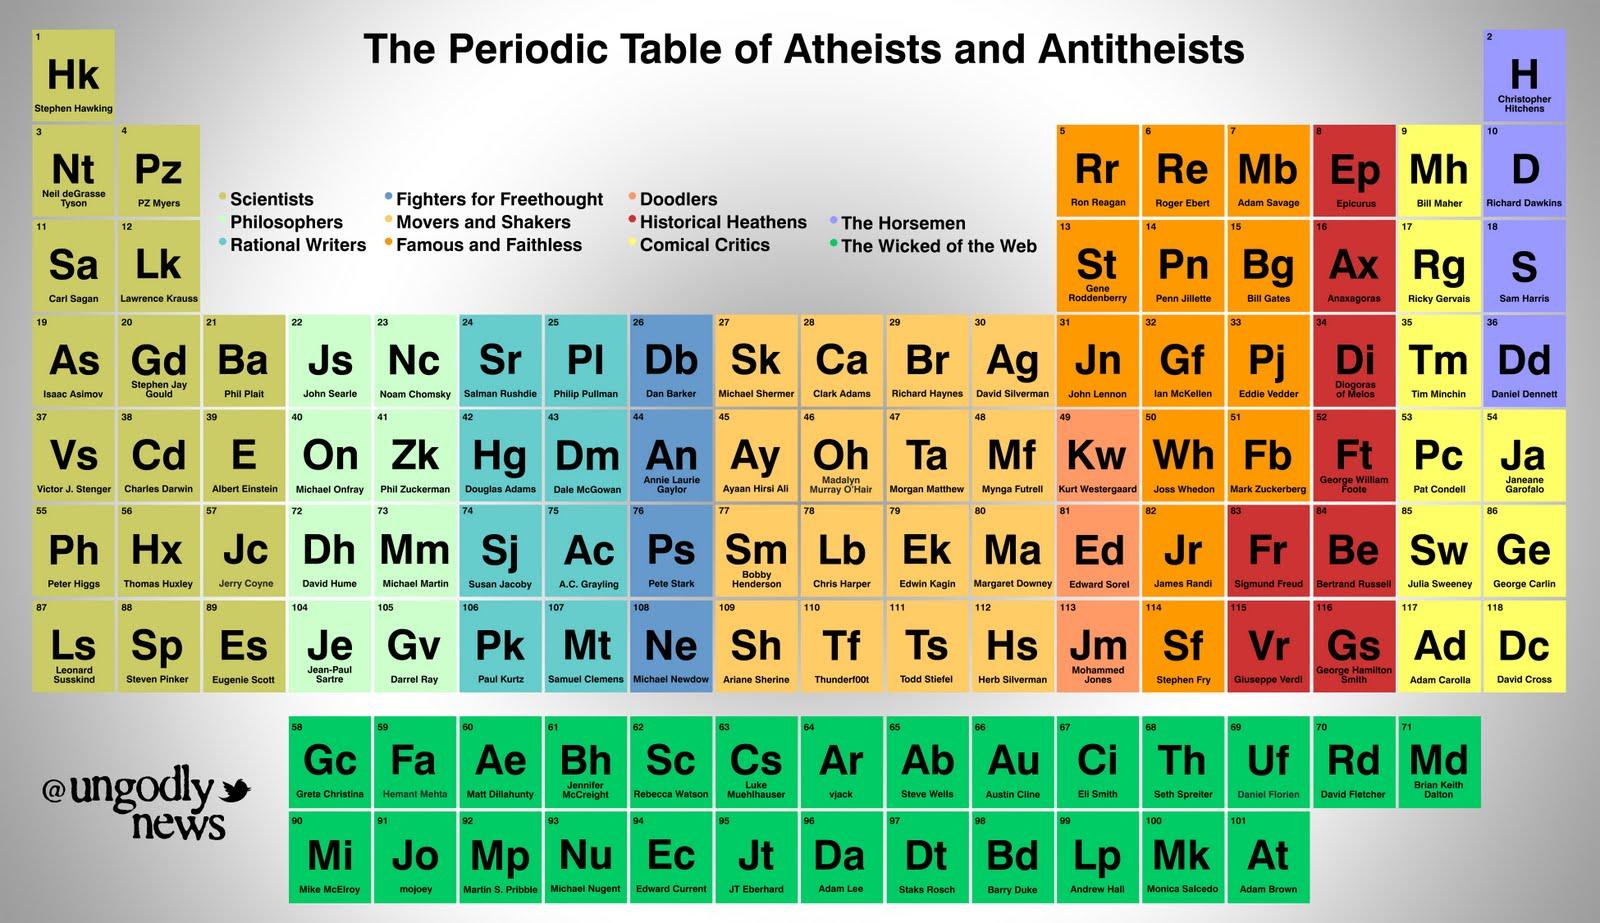 Periodic table of elements bill nye periodic table periodic table bill nye elements of ateos antitestas dogma peridica plus non tabla de y gamestrikefo Choice Image